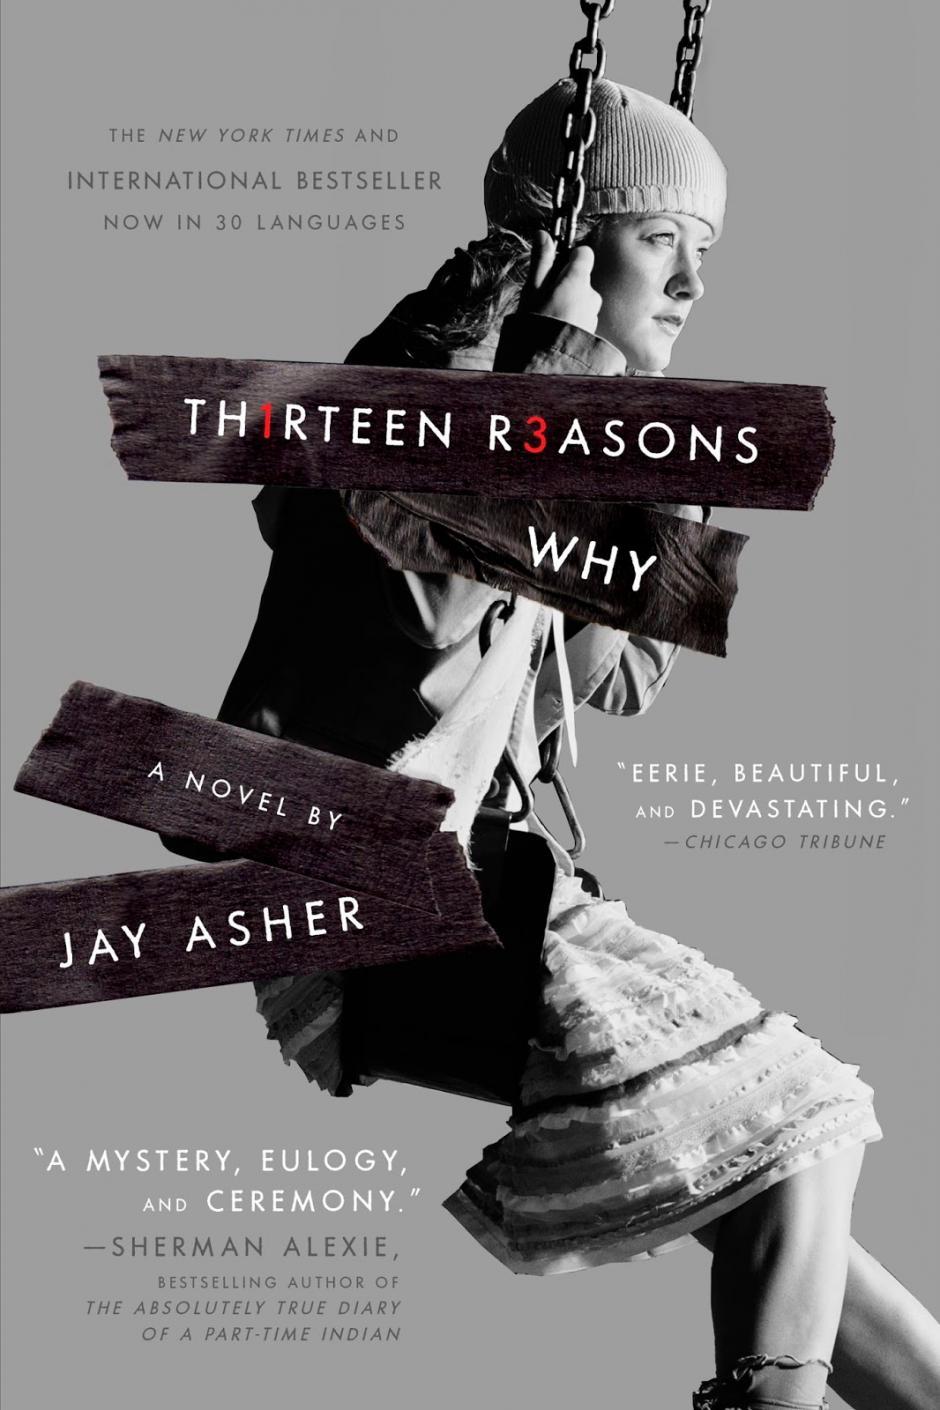 """Se trata de la serie """"13 reasons why"""", basada en el libro del mismo nombre. (Foto: underthemountain)"""